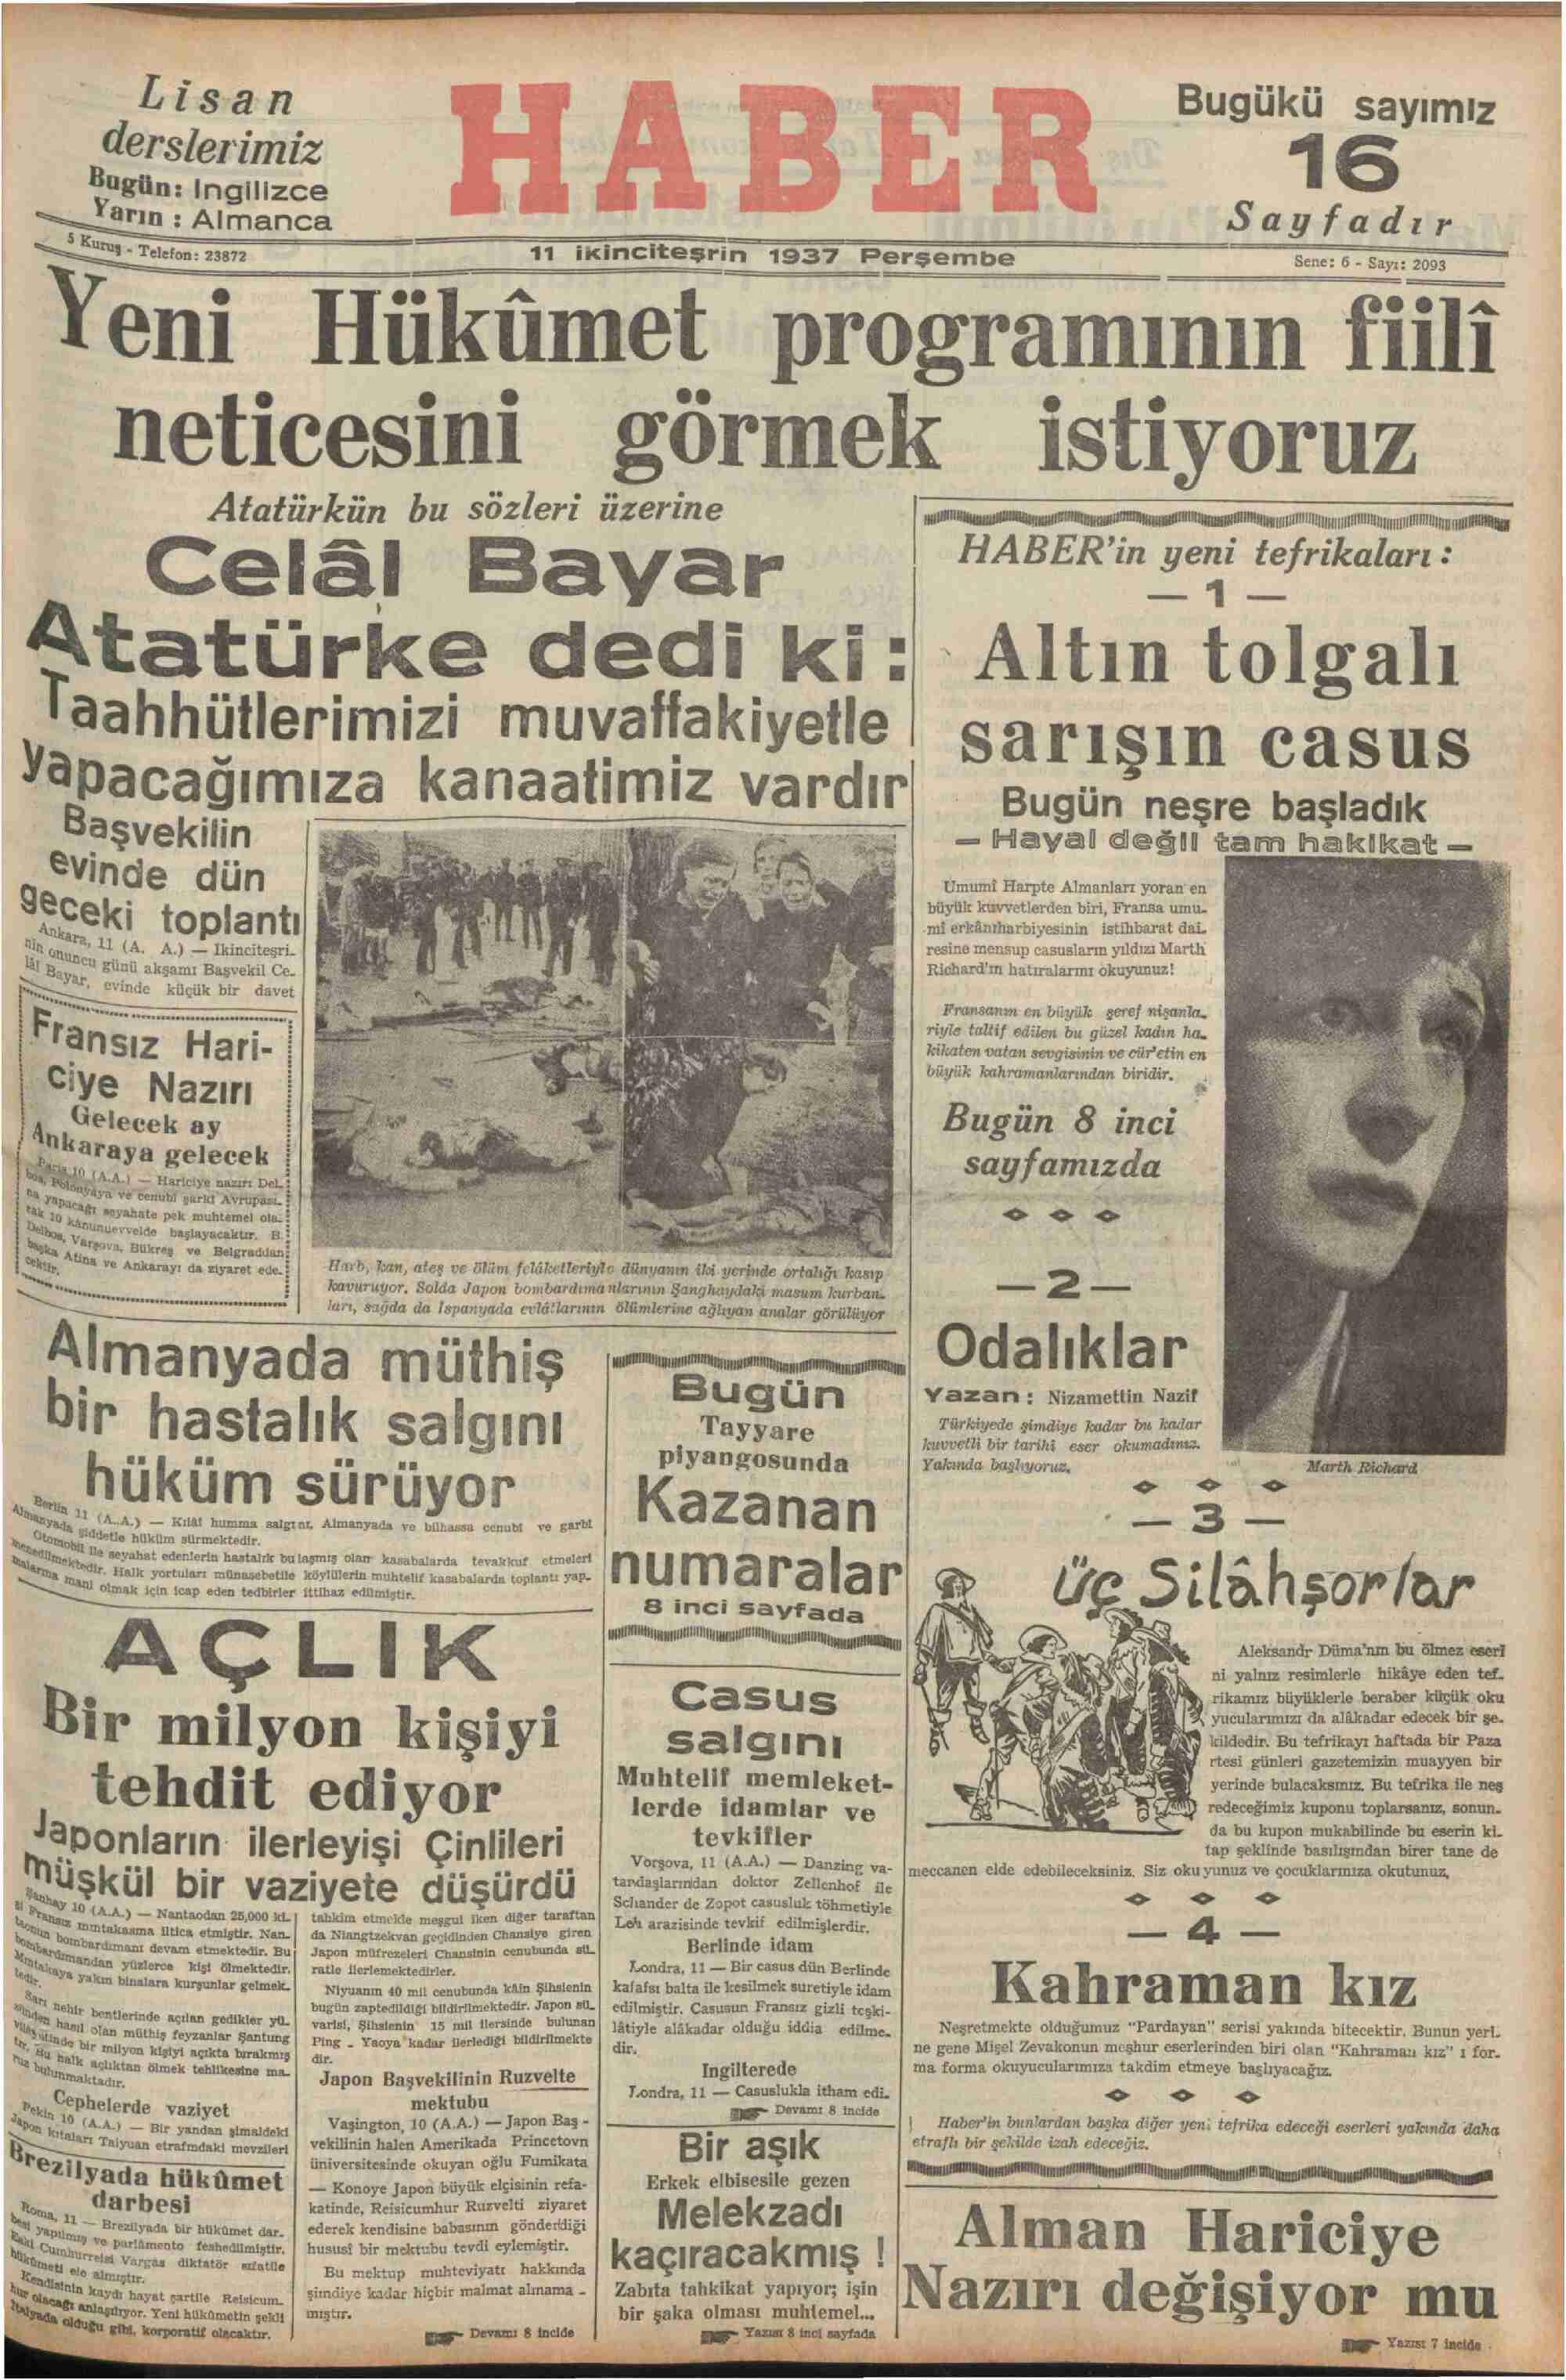 ikinciteşrin 1937 Perşembe — Tni Hükümet programımın fiili ı neticesini gormek ıstıyoruz : Atatürkün bu sözleri üzerine BUT gg gyyıggir PTT gaygyrıefEN mıımııı— İ